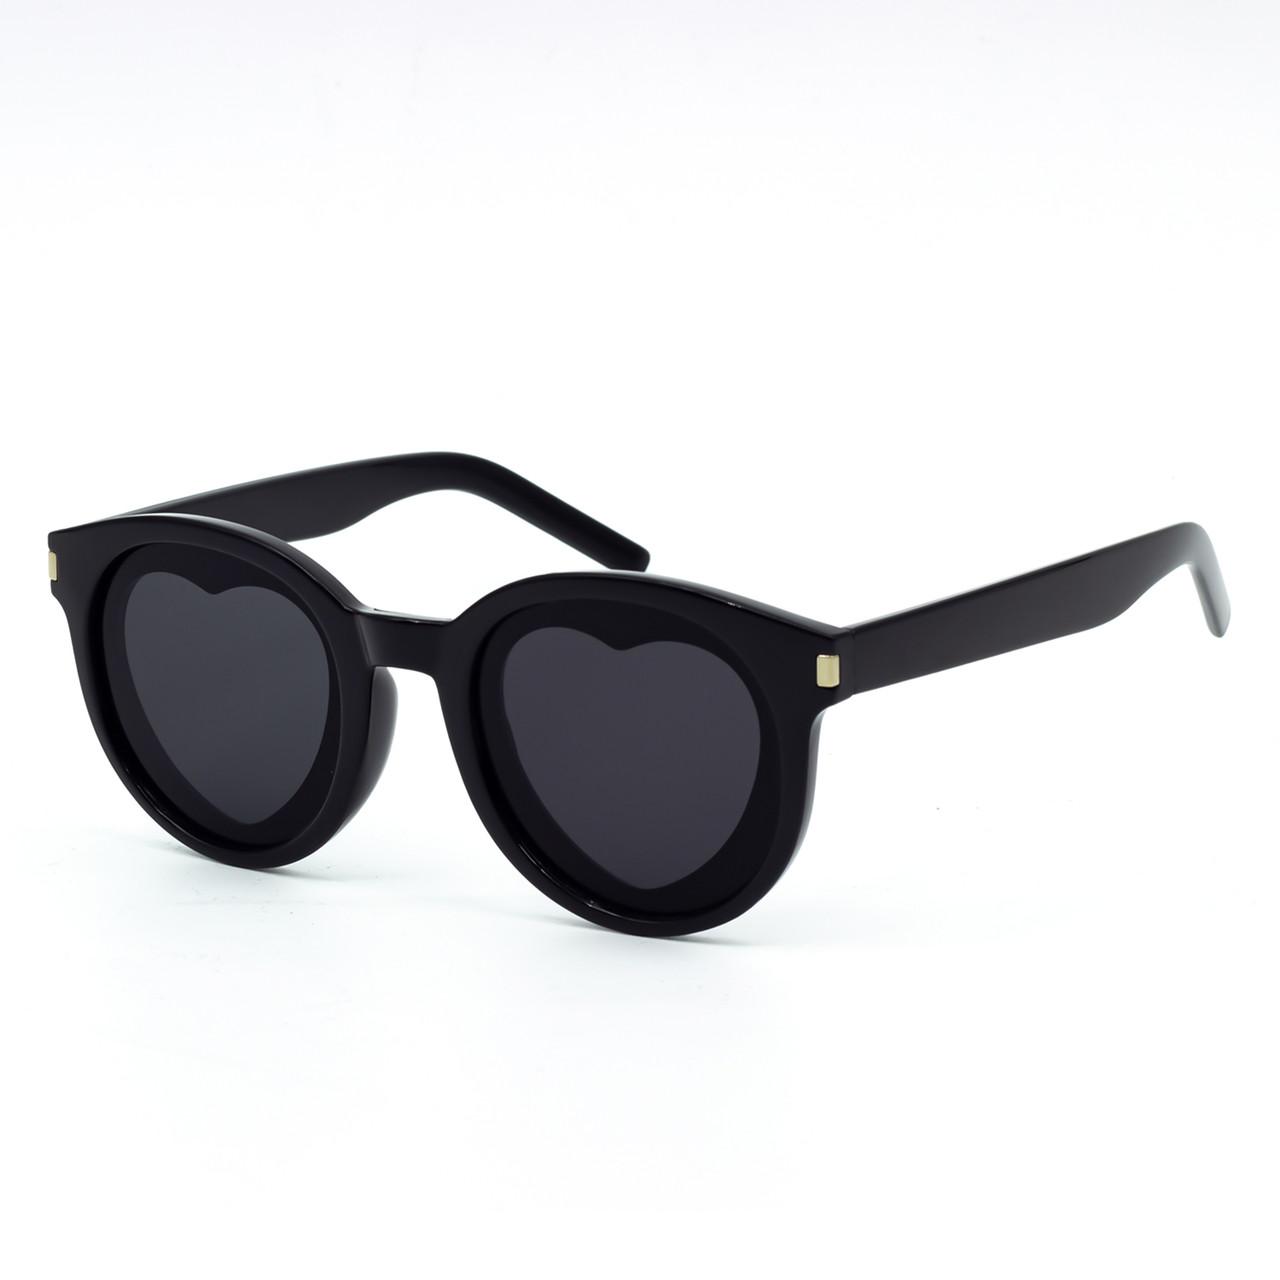 Сонцезахисні окуляри Marmilen Z3302 чорні ( Z3302-01 )